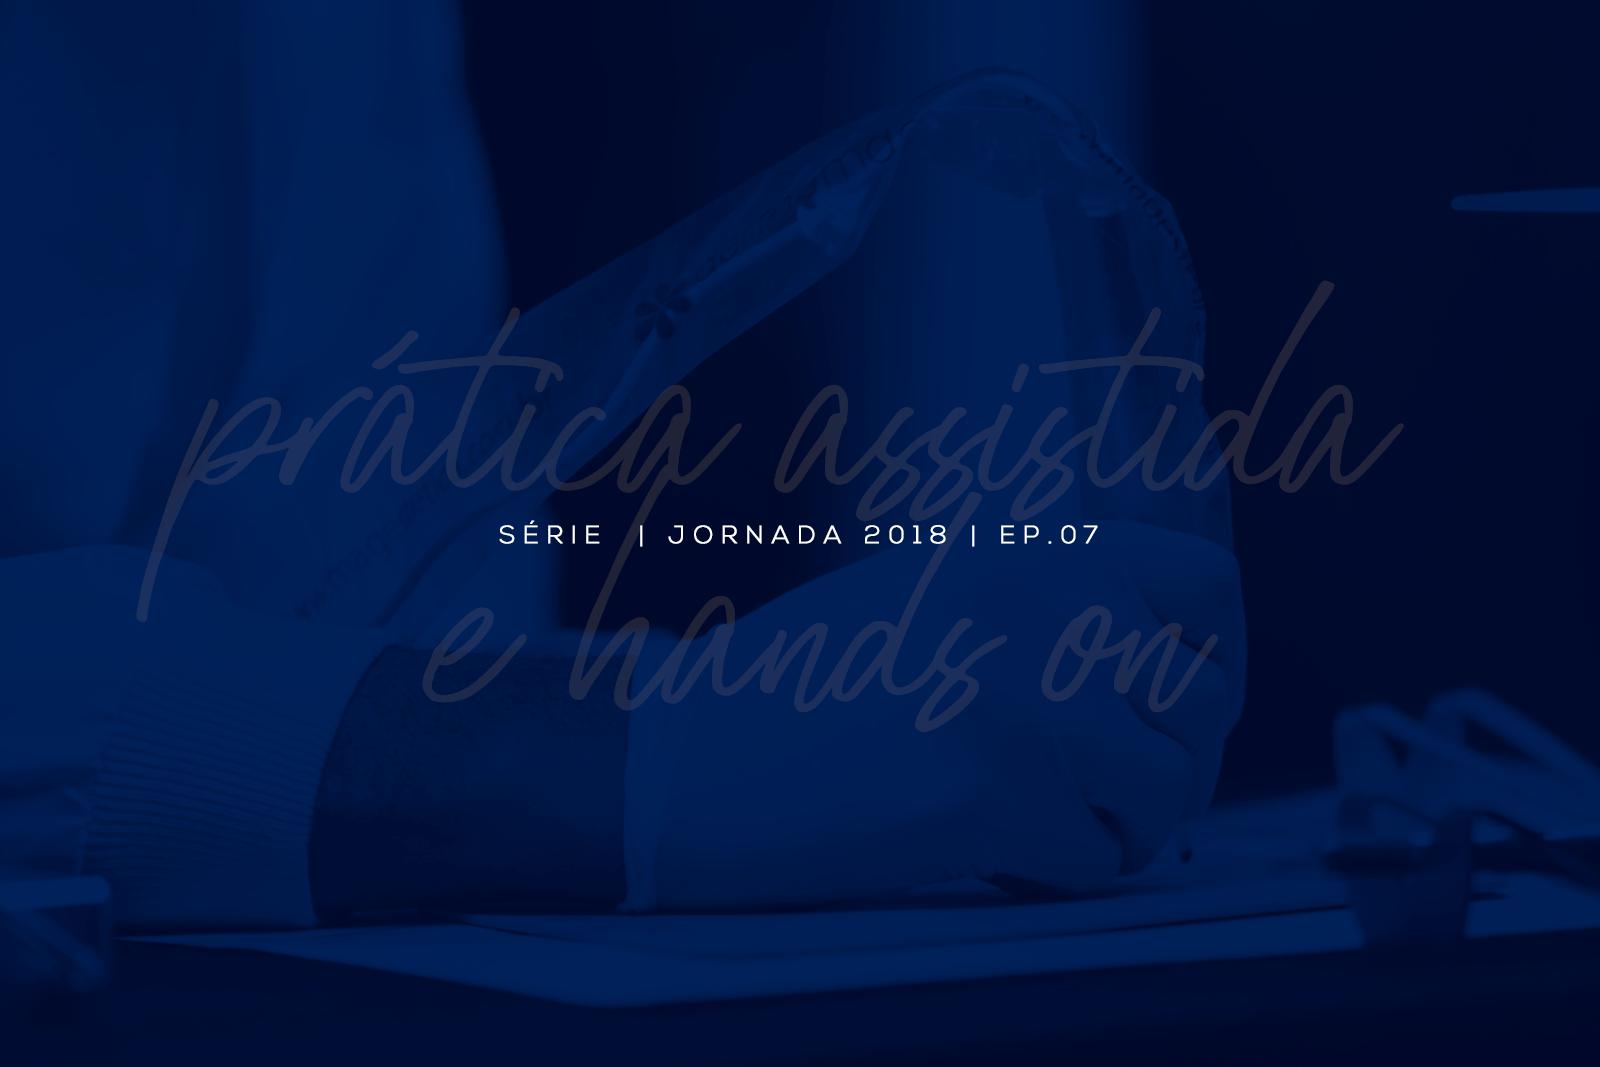 Série Jornada: Prática Assistida & HandsOn